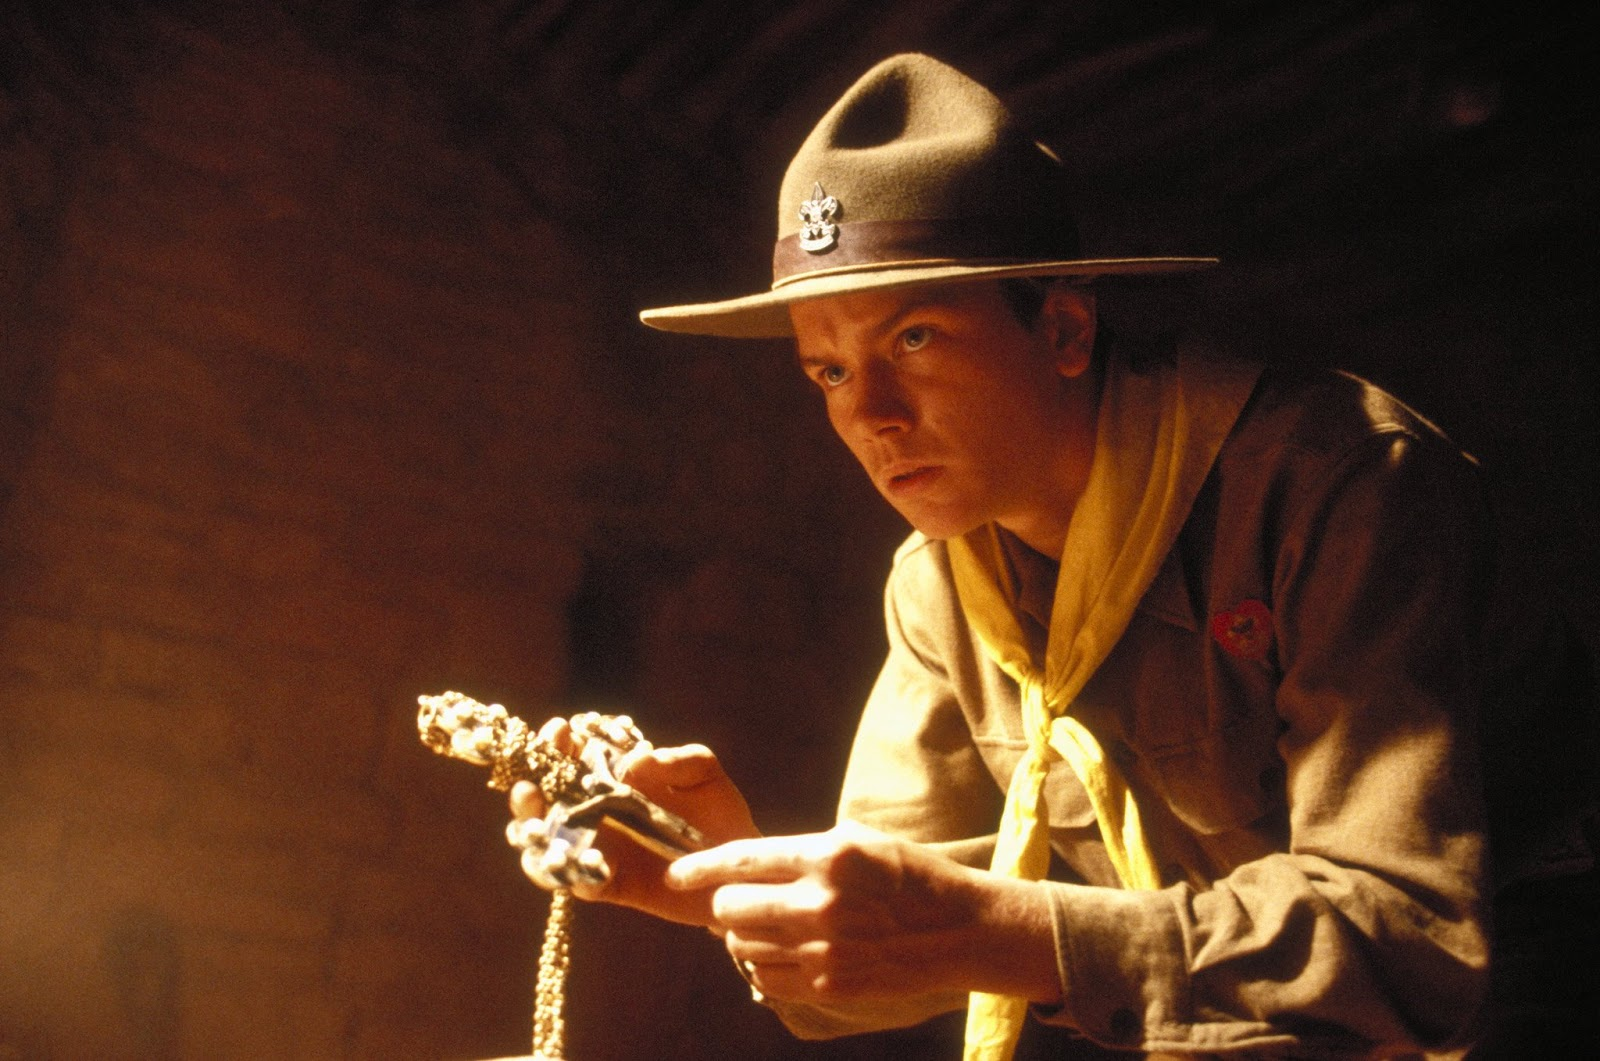 Indiana Jones y la última cruzada: Sobre el saber (I)